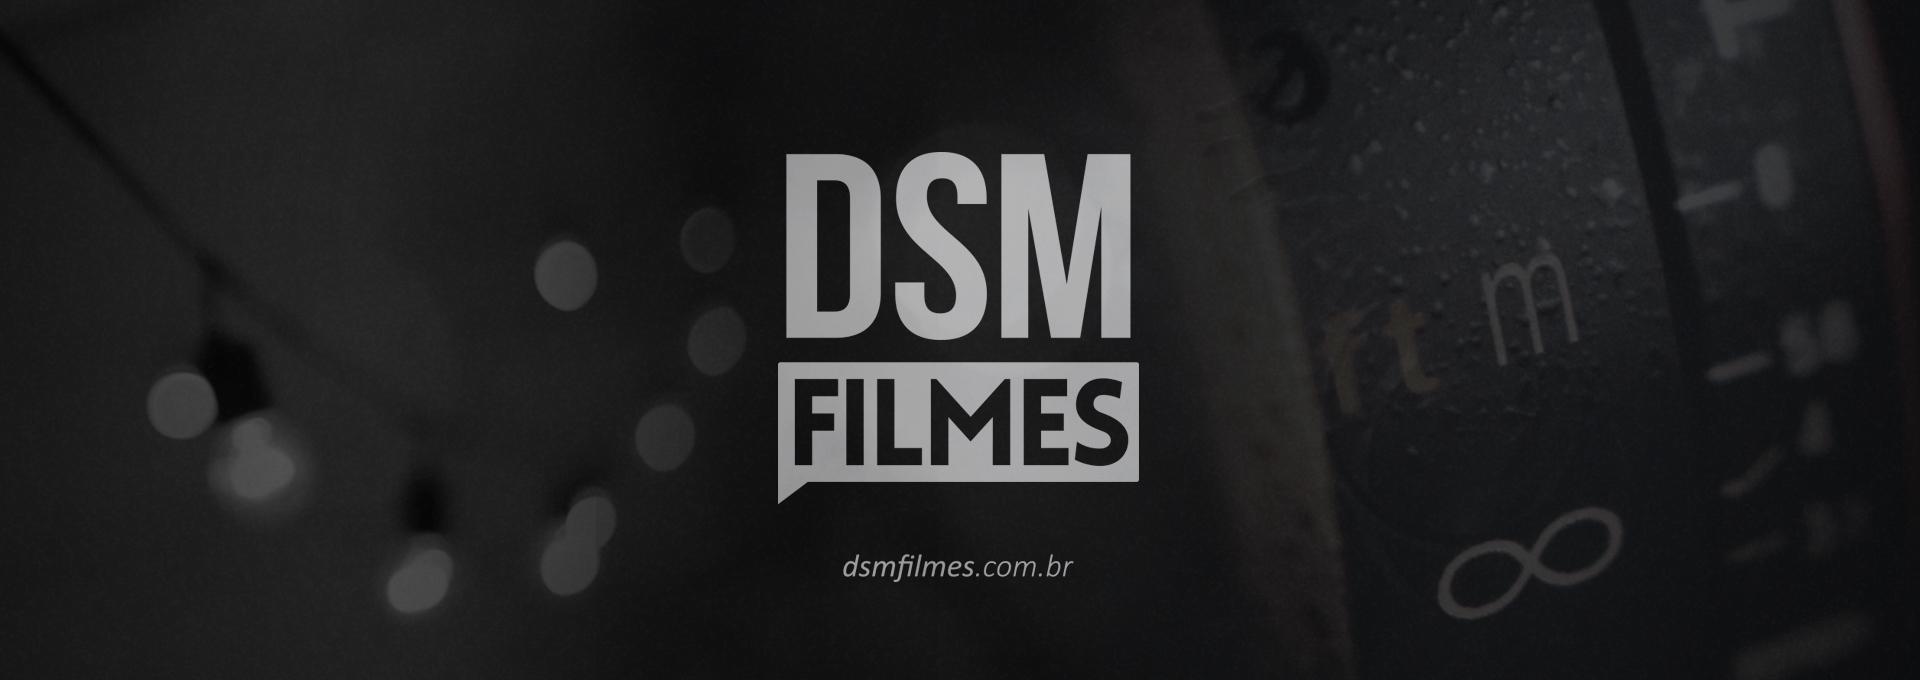 Contate DSM Filmes